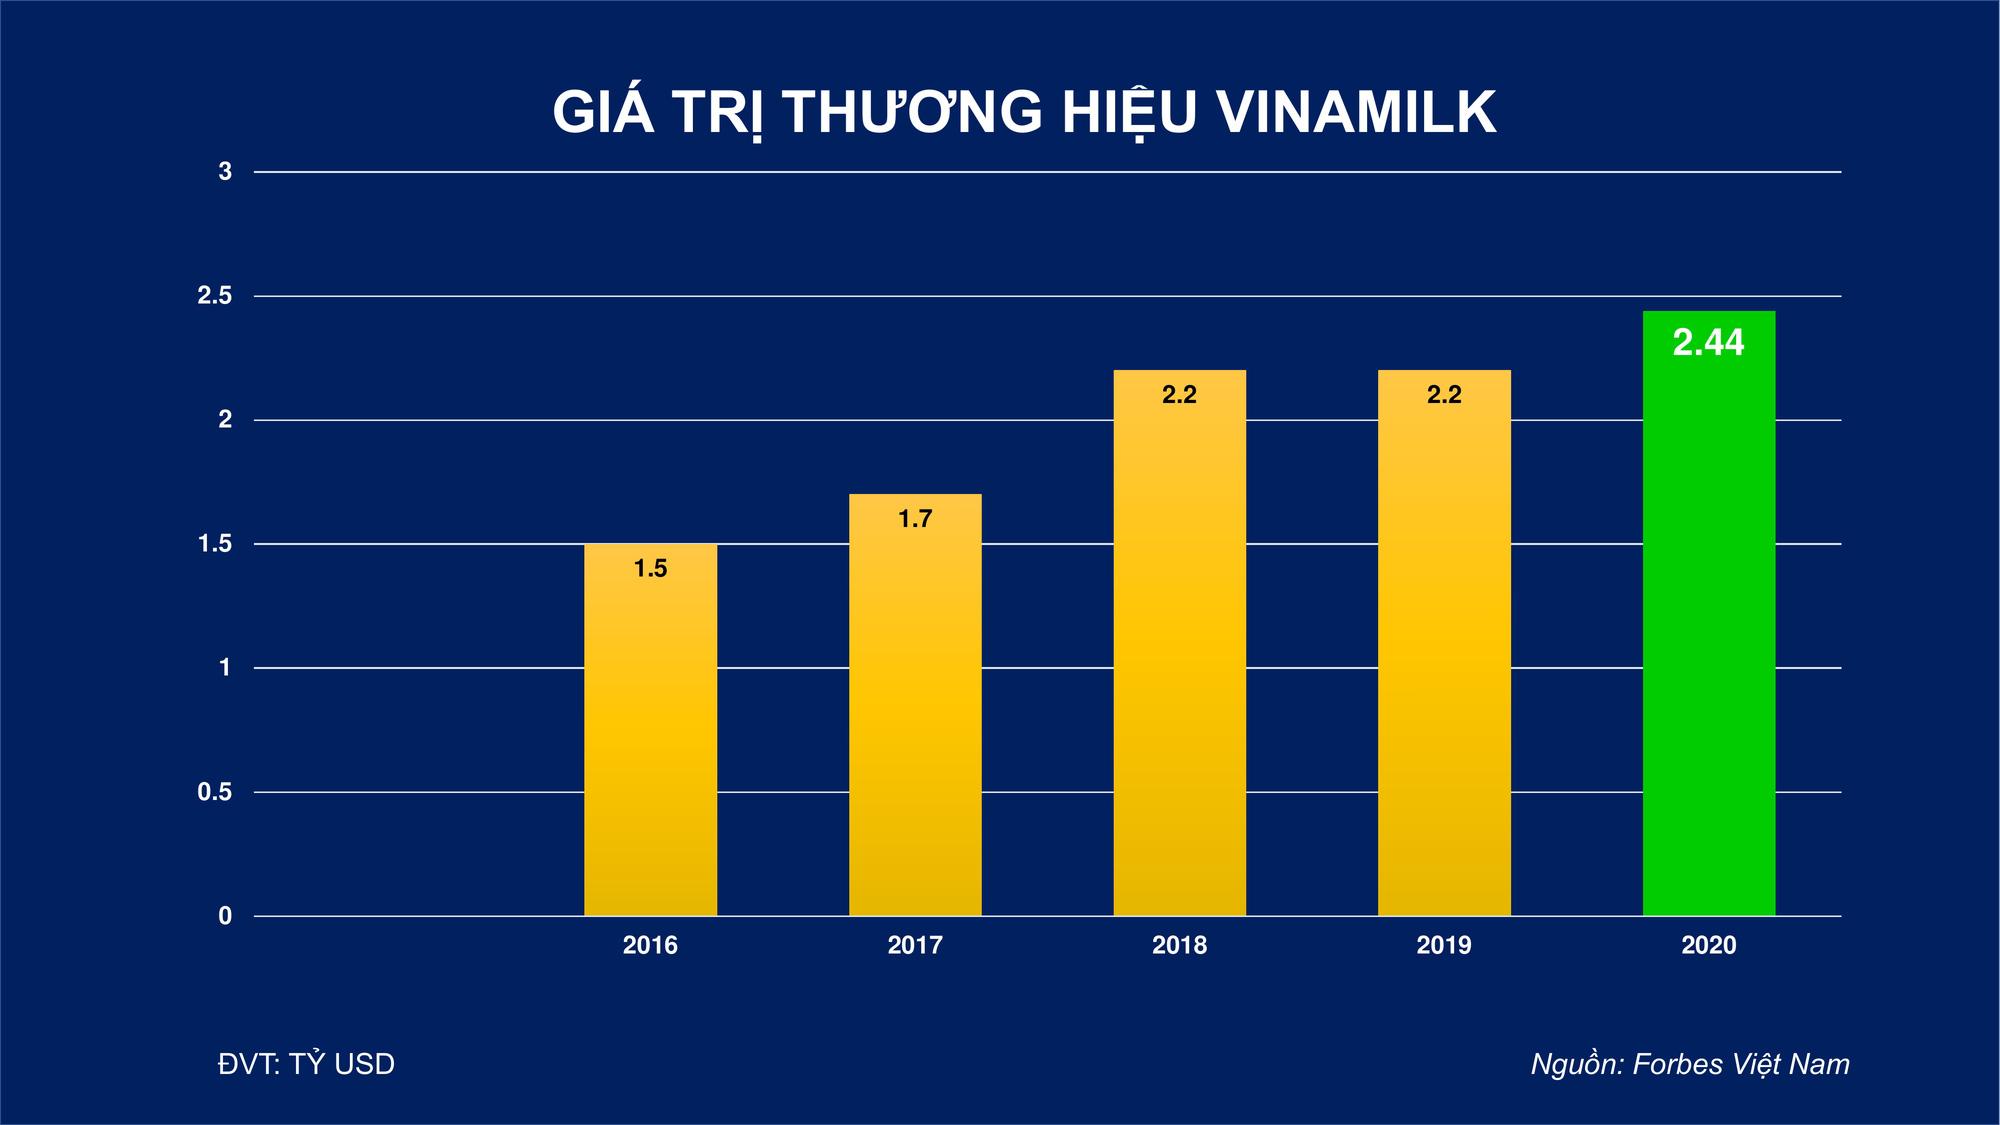 Giá trị thương hiệu Vinamilk được định giá hơn 2,4 tỷ USD - Ảnh 4.